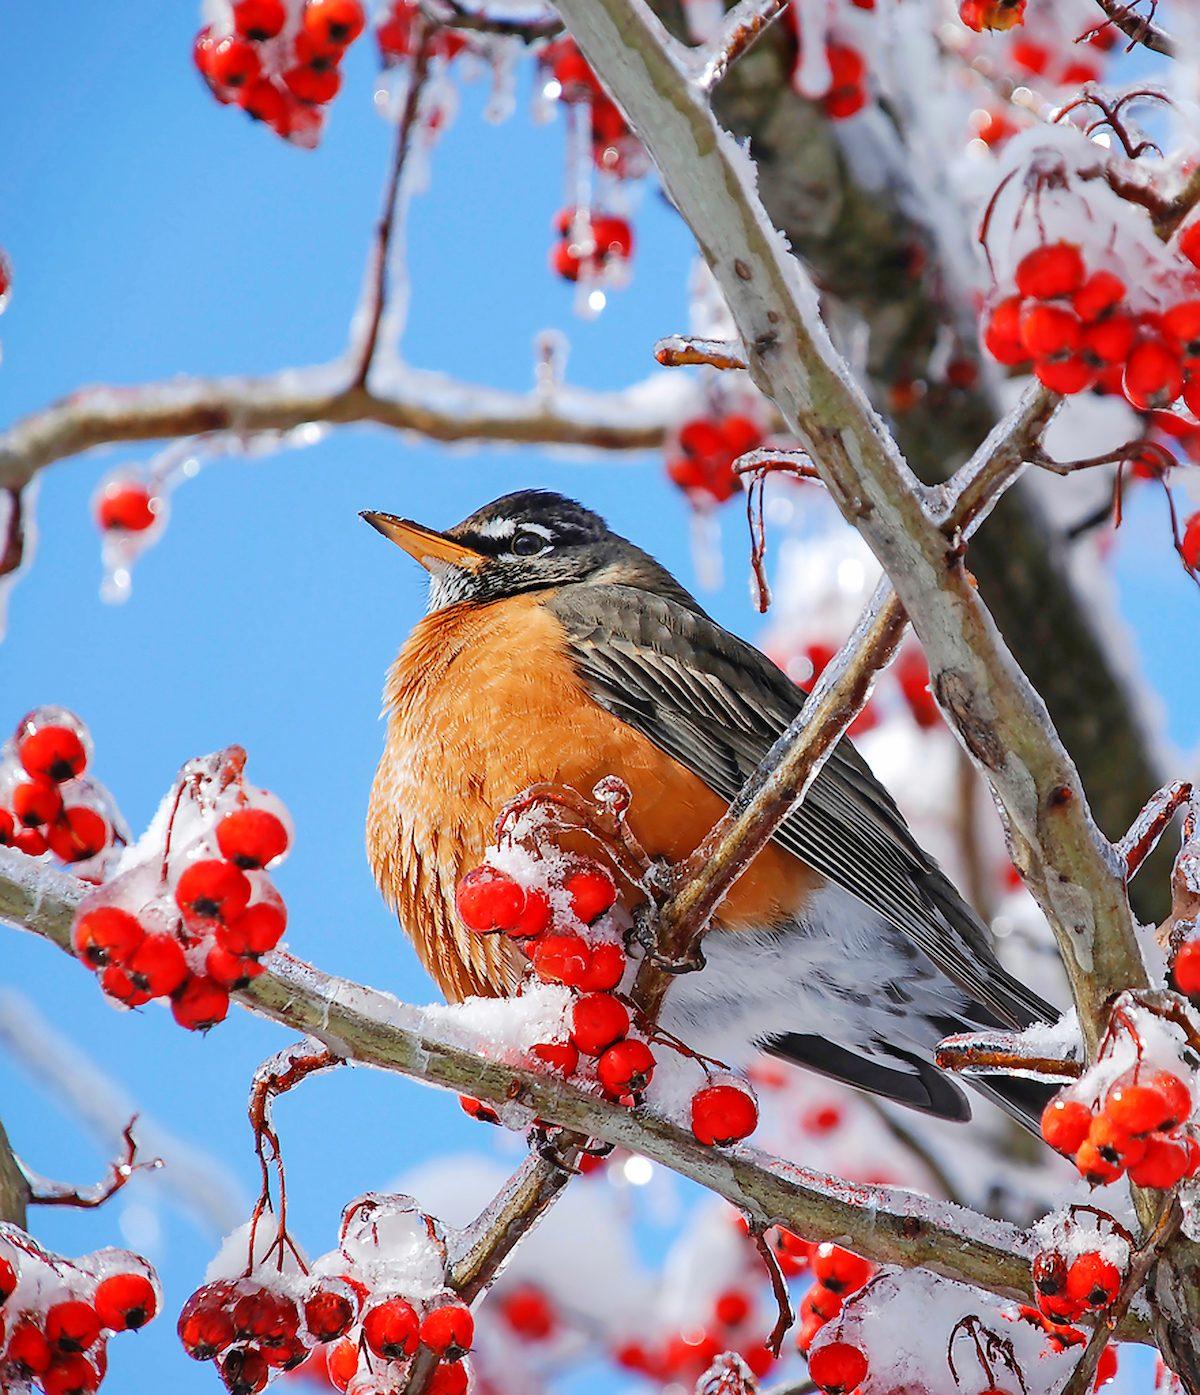 robin in snowy berry tree